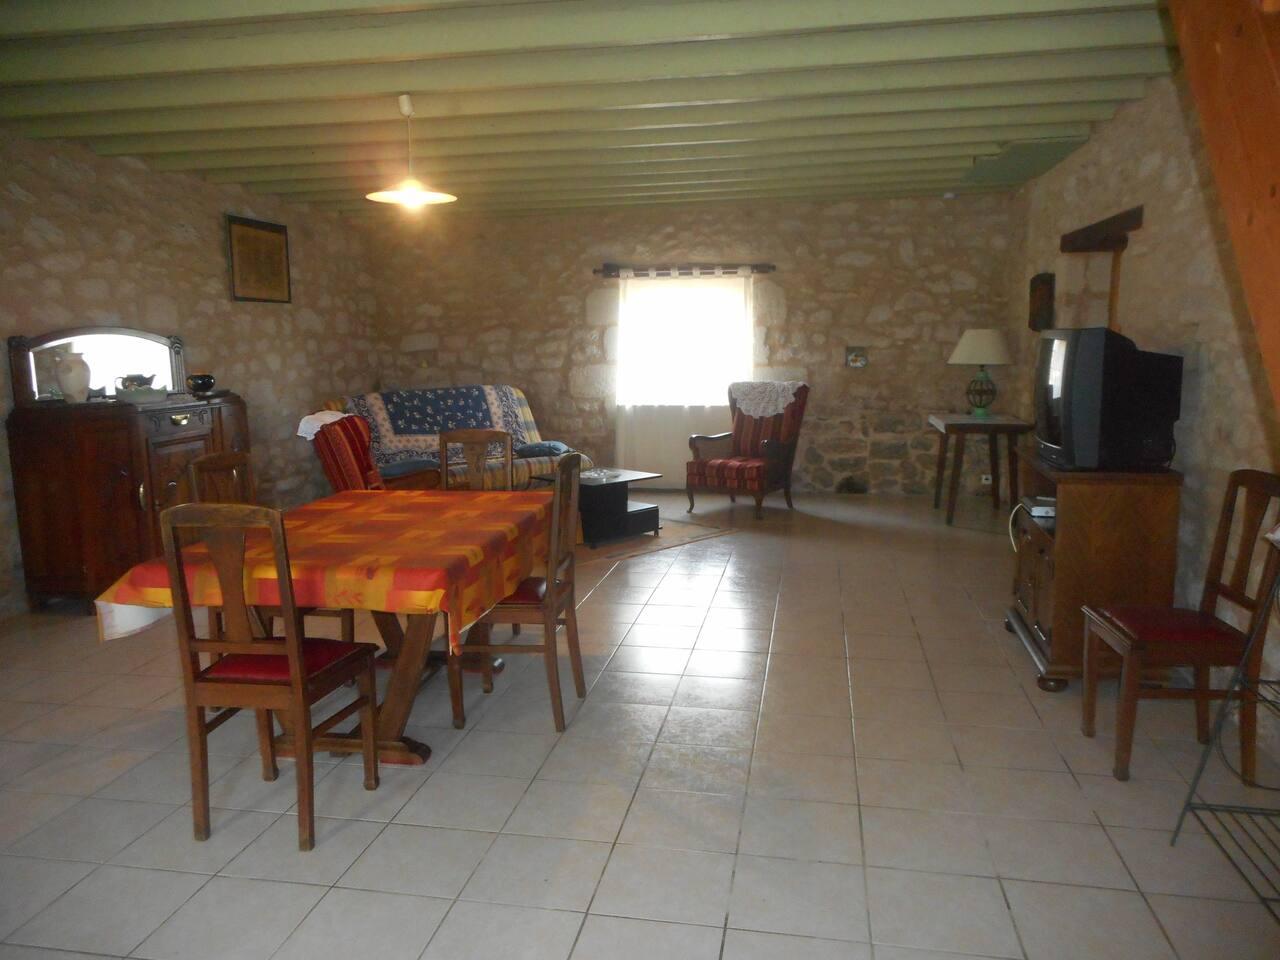 Grande pièce de 56m2 avec séjour avec banquette-lit 2 personnes, salle à manger